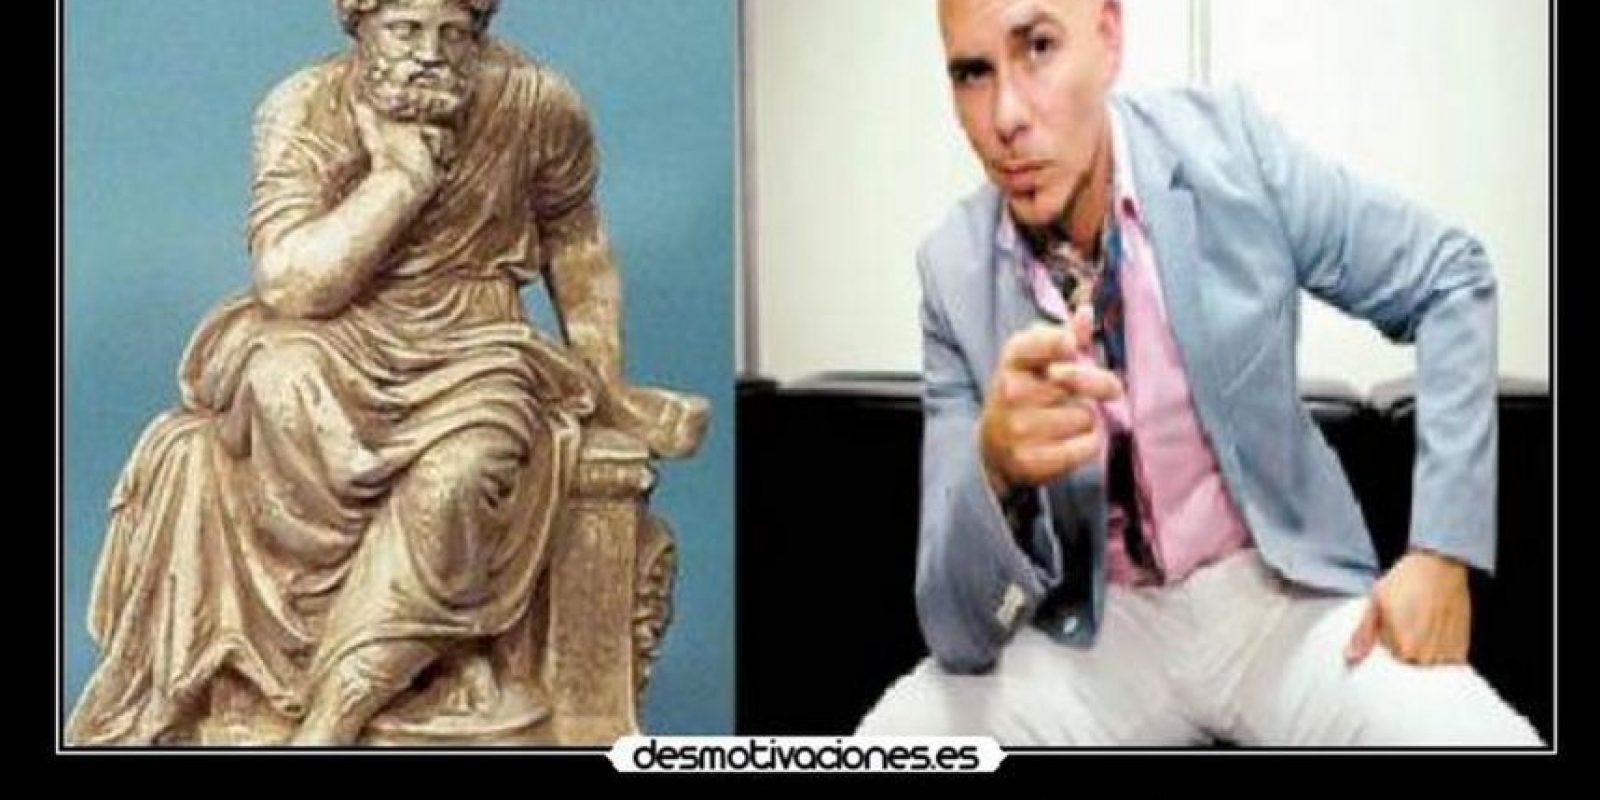 Foto:generadordememes.com